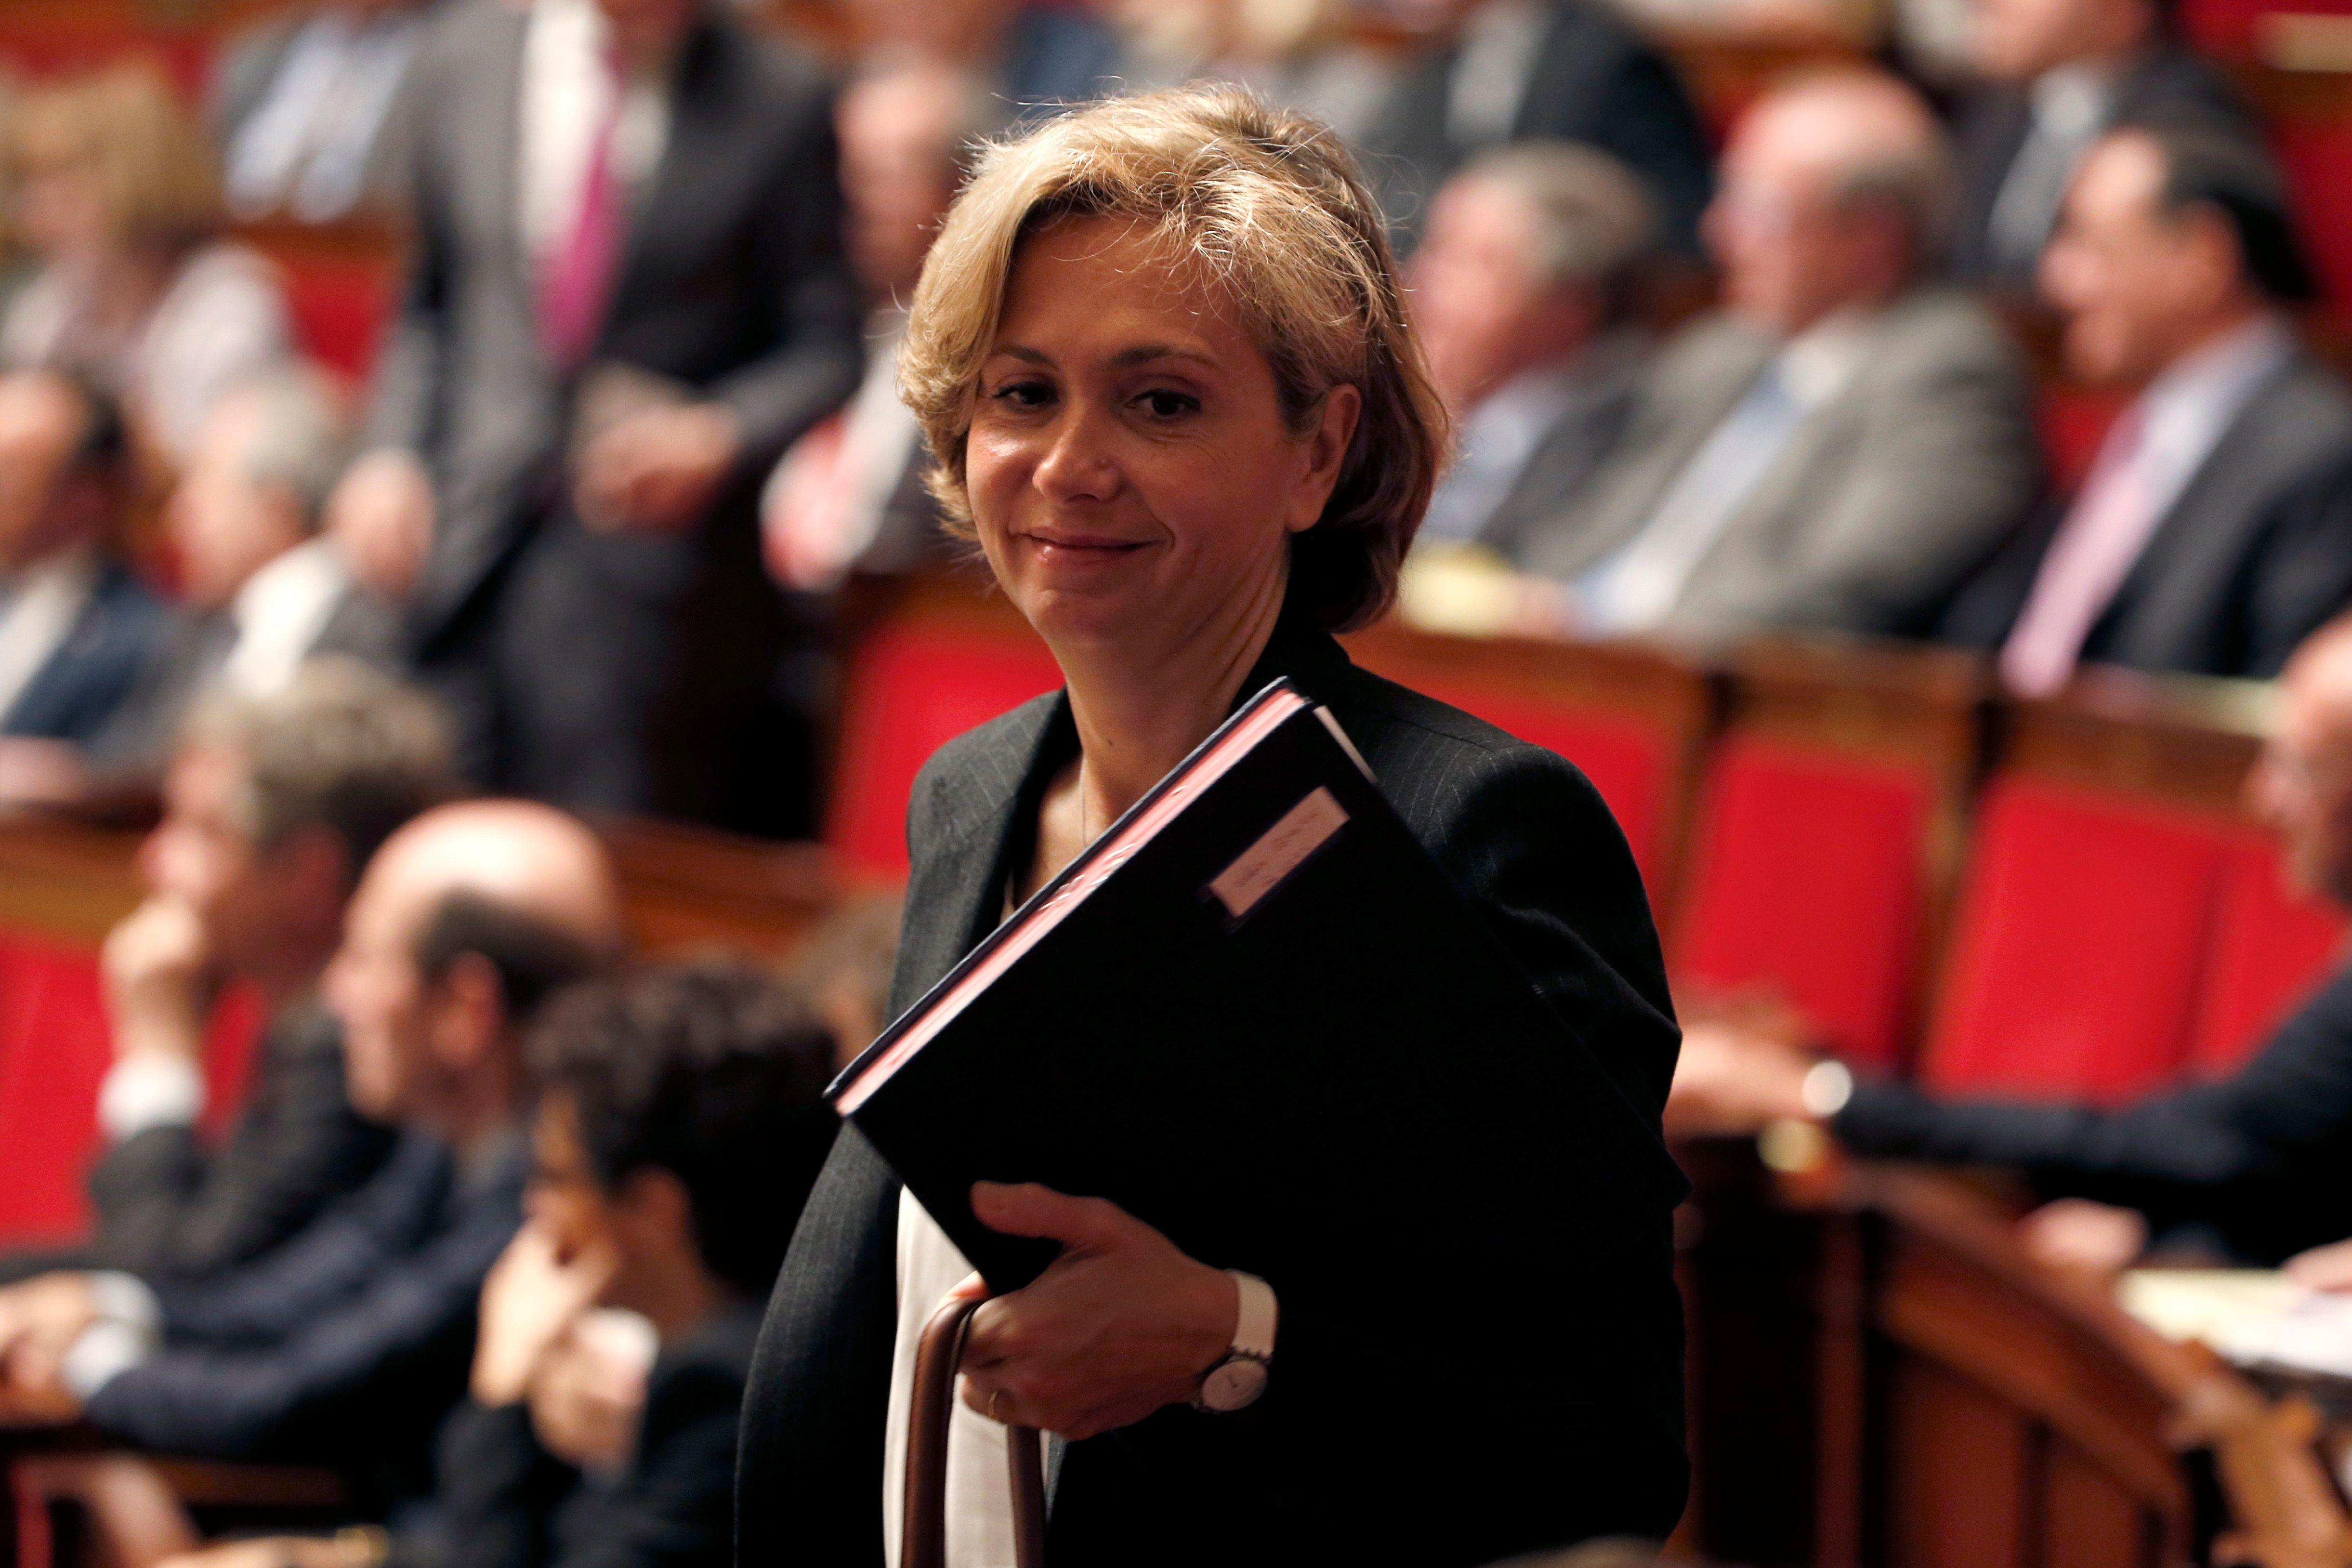 Primaire de la droite et du centre : Valérie Pécresse annonce son soutien à Alain Juppé